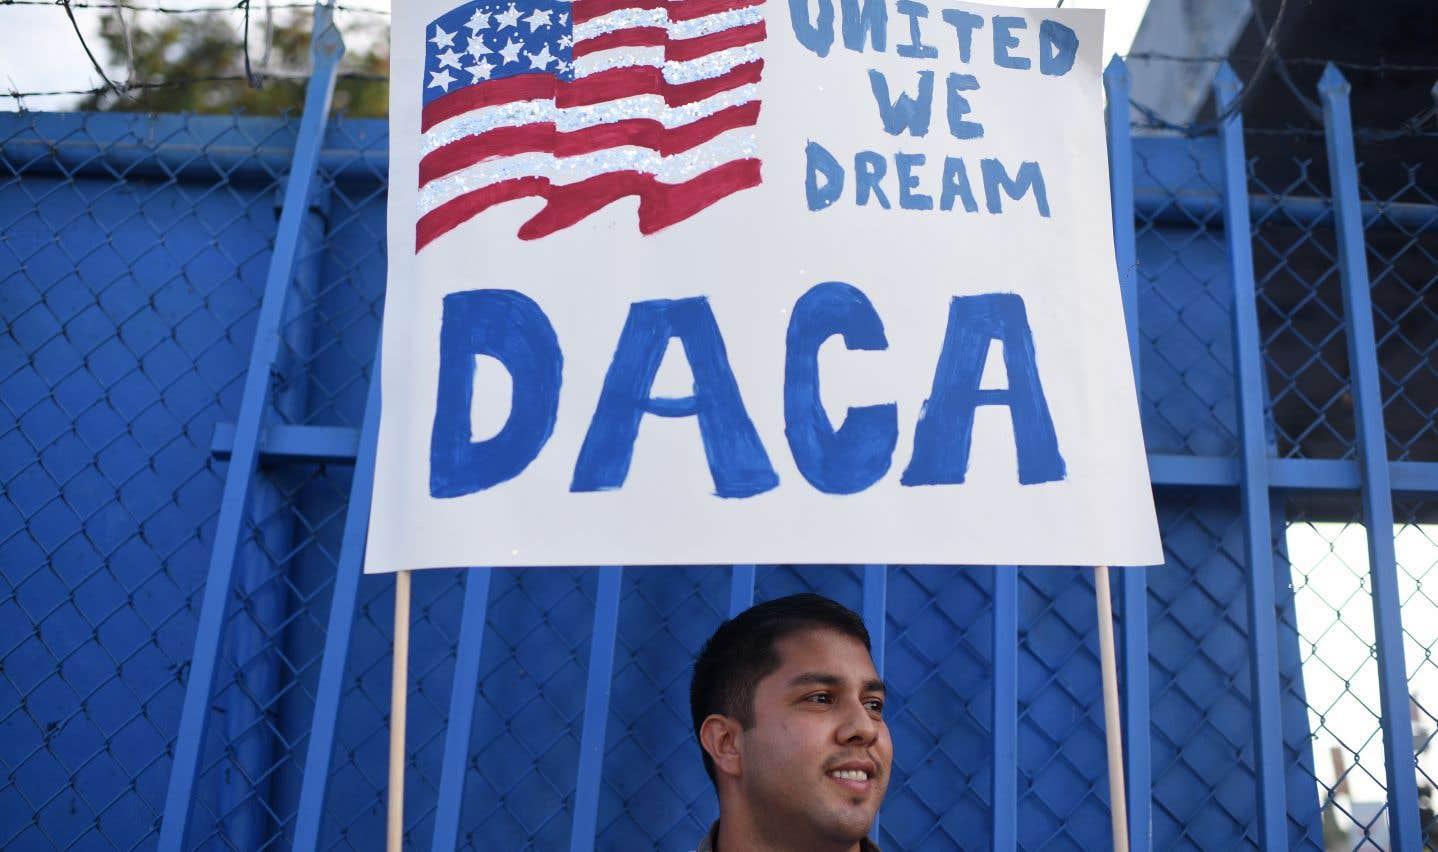 Donald Trump a proposé un pacte donnant-donnant: une solution pour les «Dreamers» en échange du financement du mur controversé qu'il a promis lors de sa campagne présidentielle d'ériger à la frontière avec le Mexique.